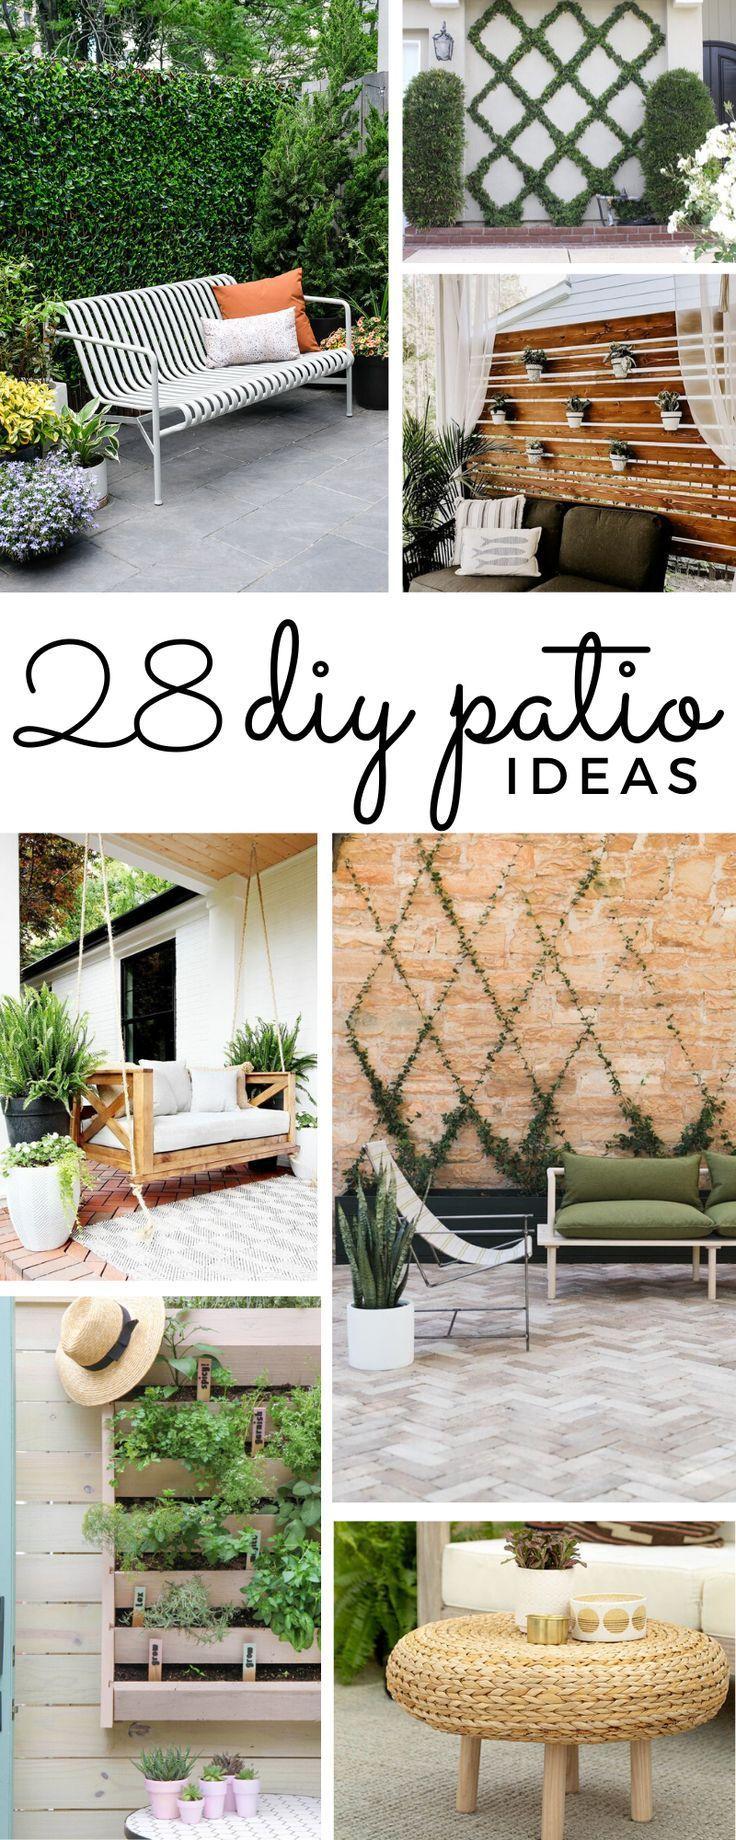 28 Easy Diy Patio Ideas To Transform Your Backyard Diy Backyard Patio Easy Patio Patio Decorating Ideas On A Budget Backyard diy projects on a budget